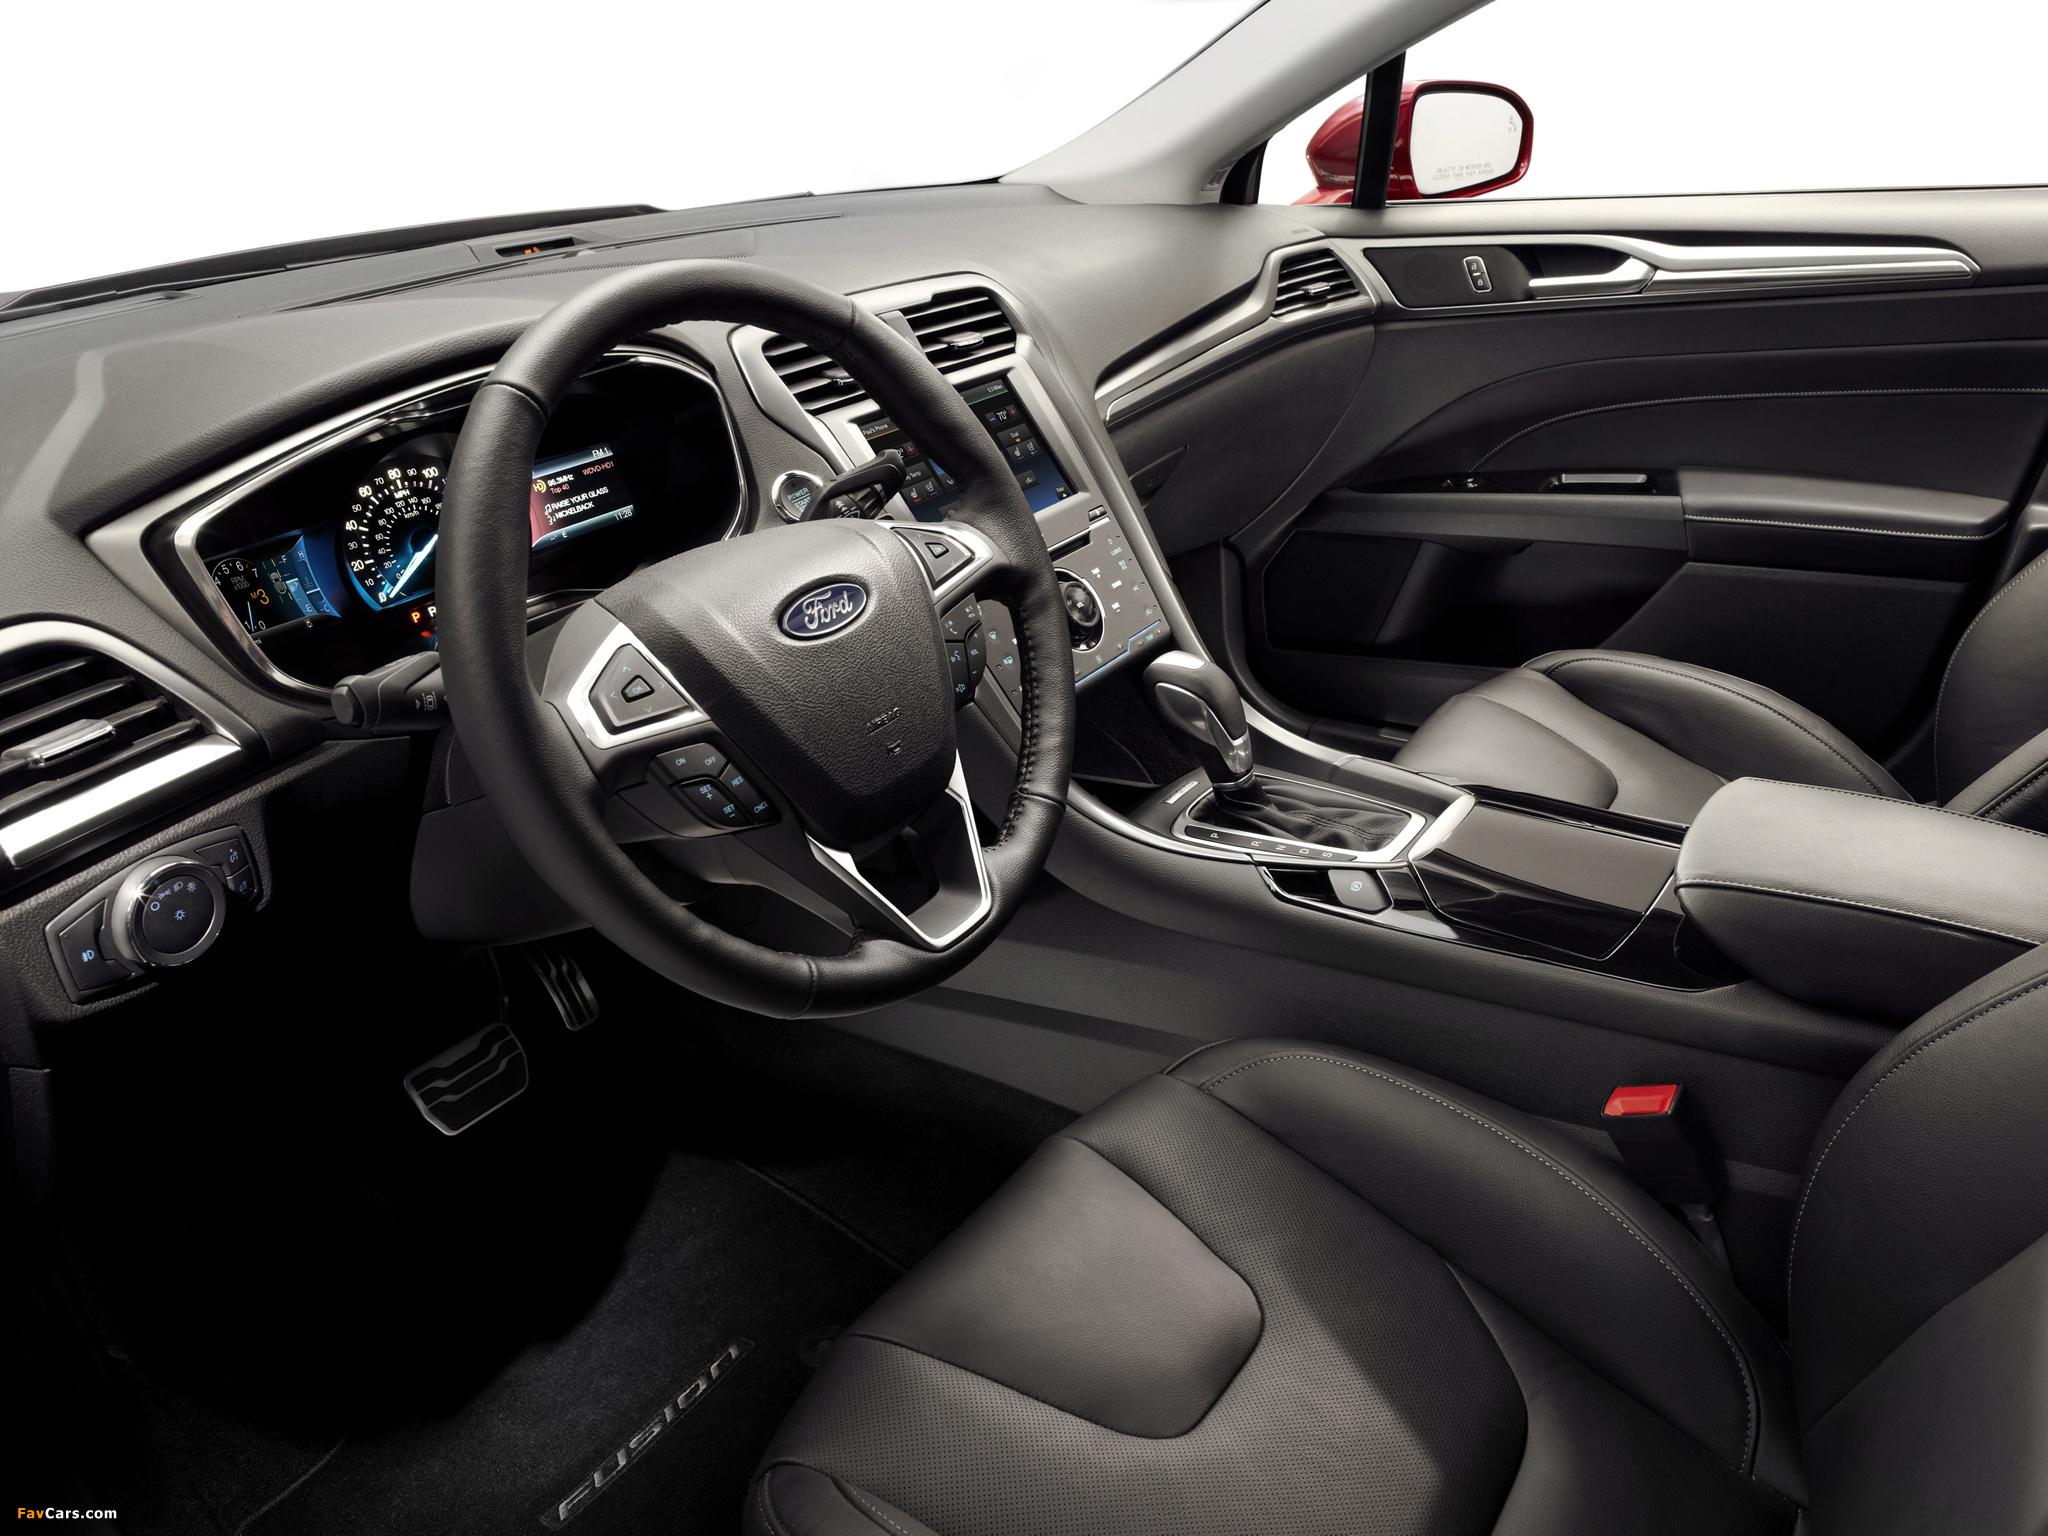 Ford Fusion Titanium 2012 images (2048 x 1536)